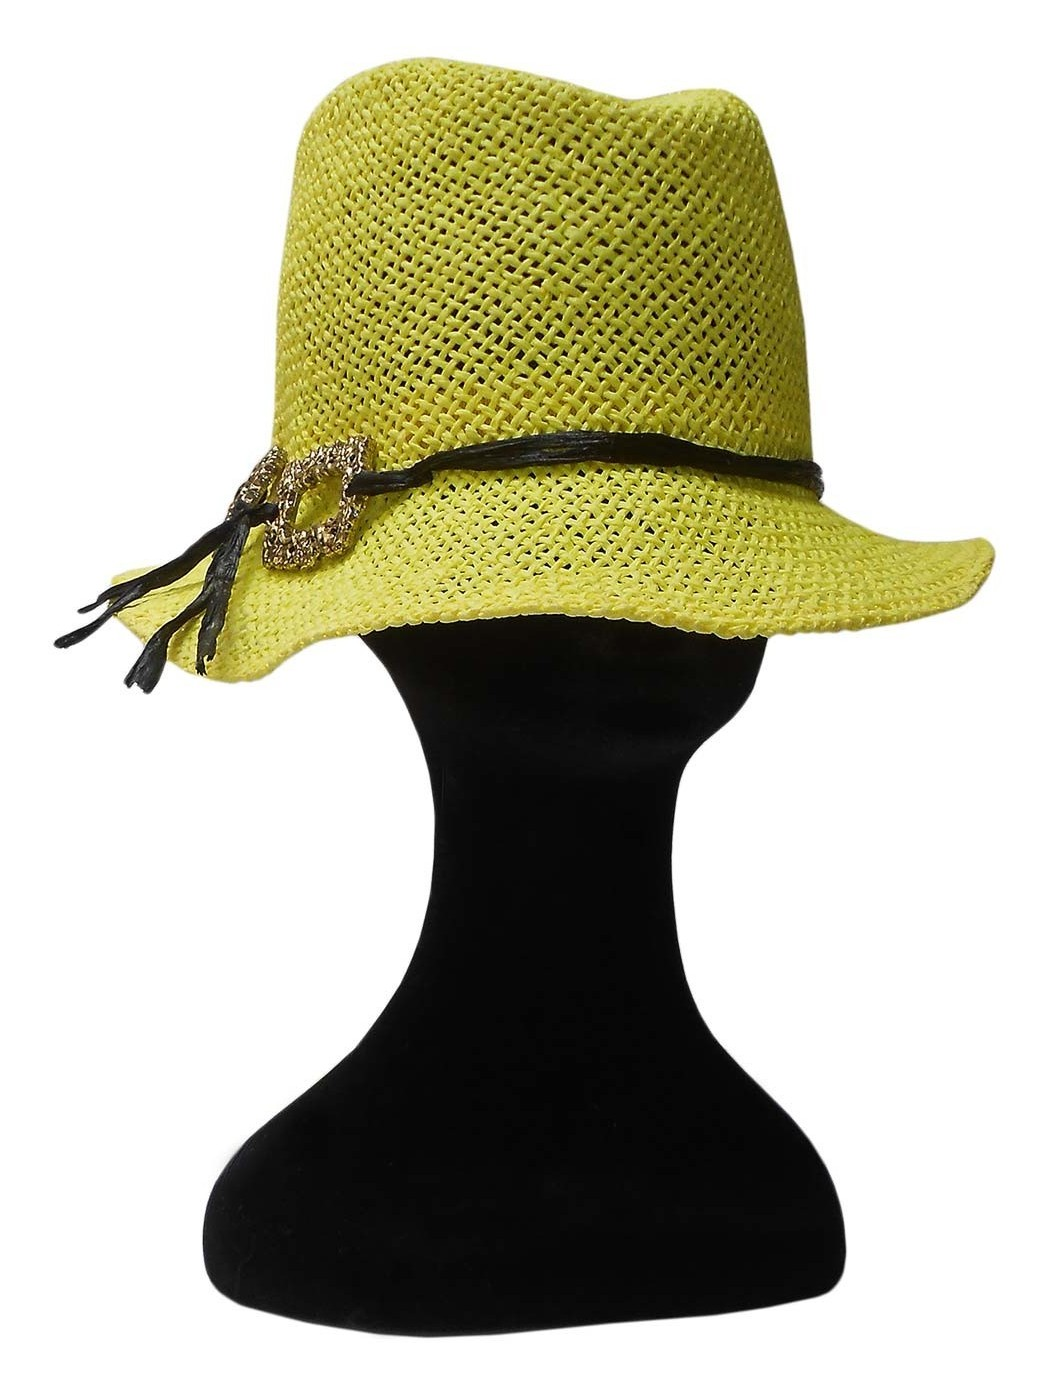 Borsalino in paglia giallo*